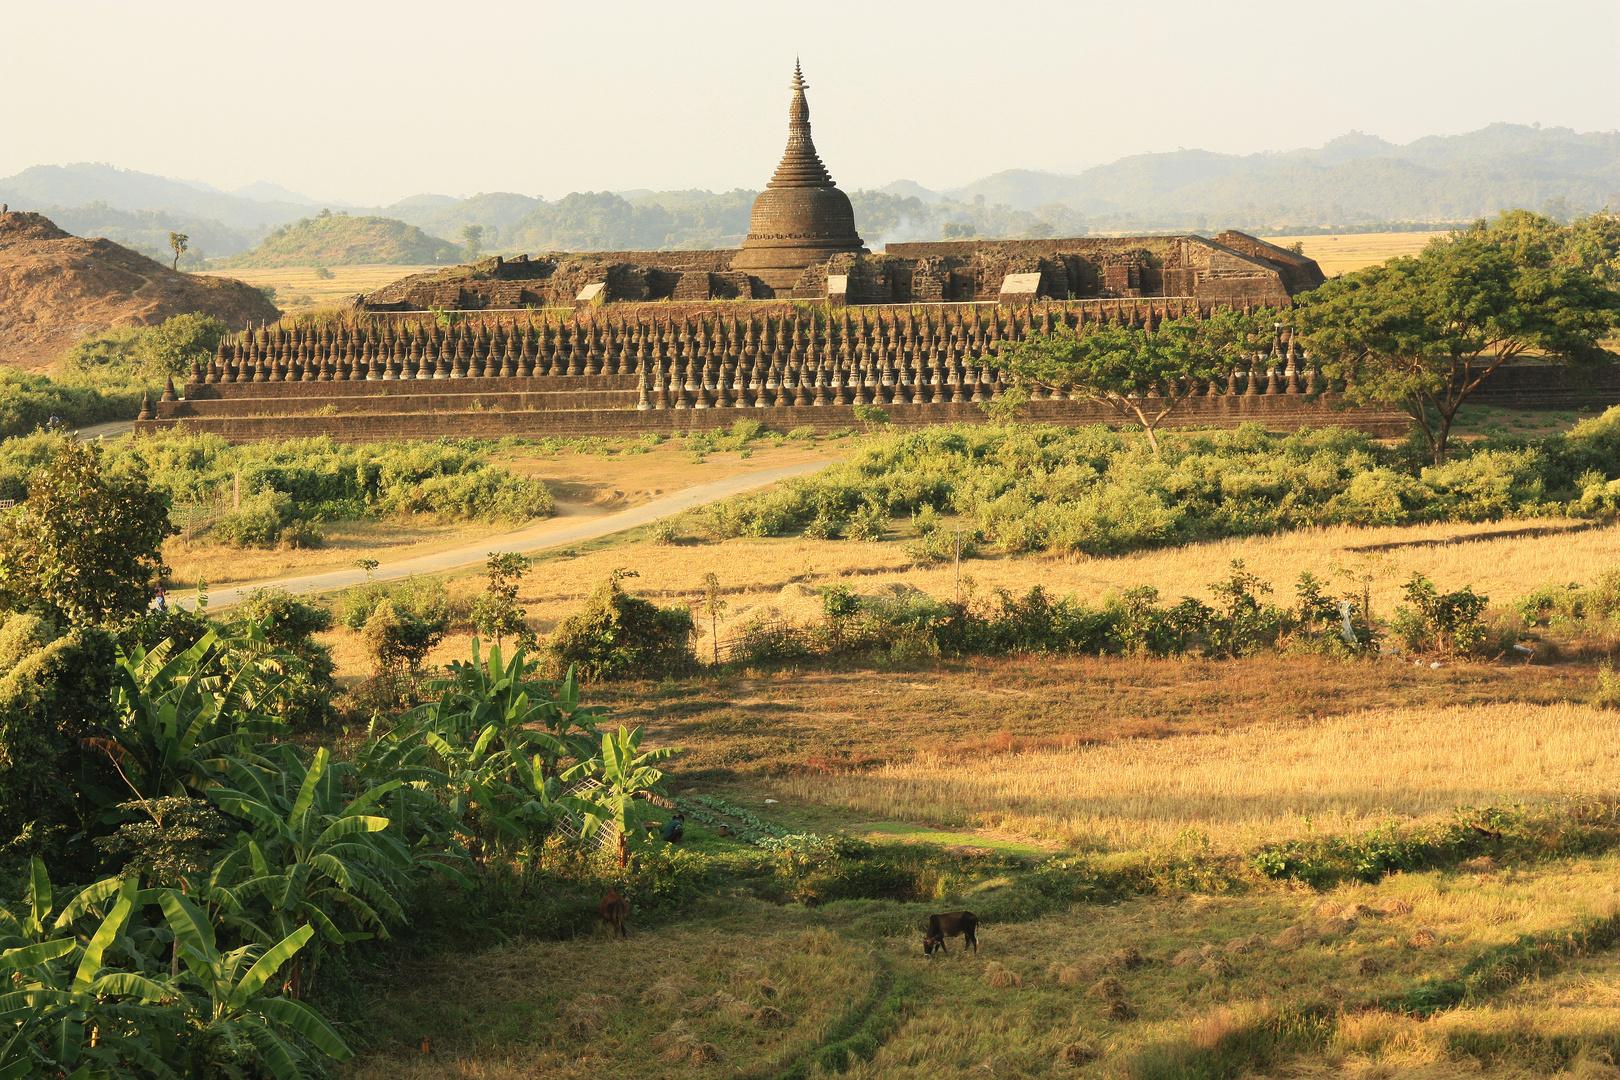 Koe-Thaung Tempel